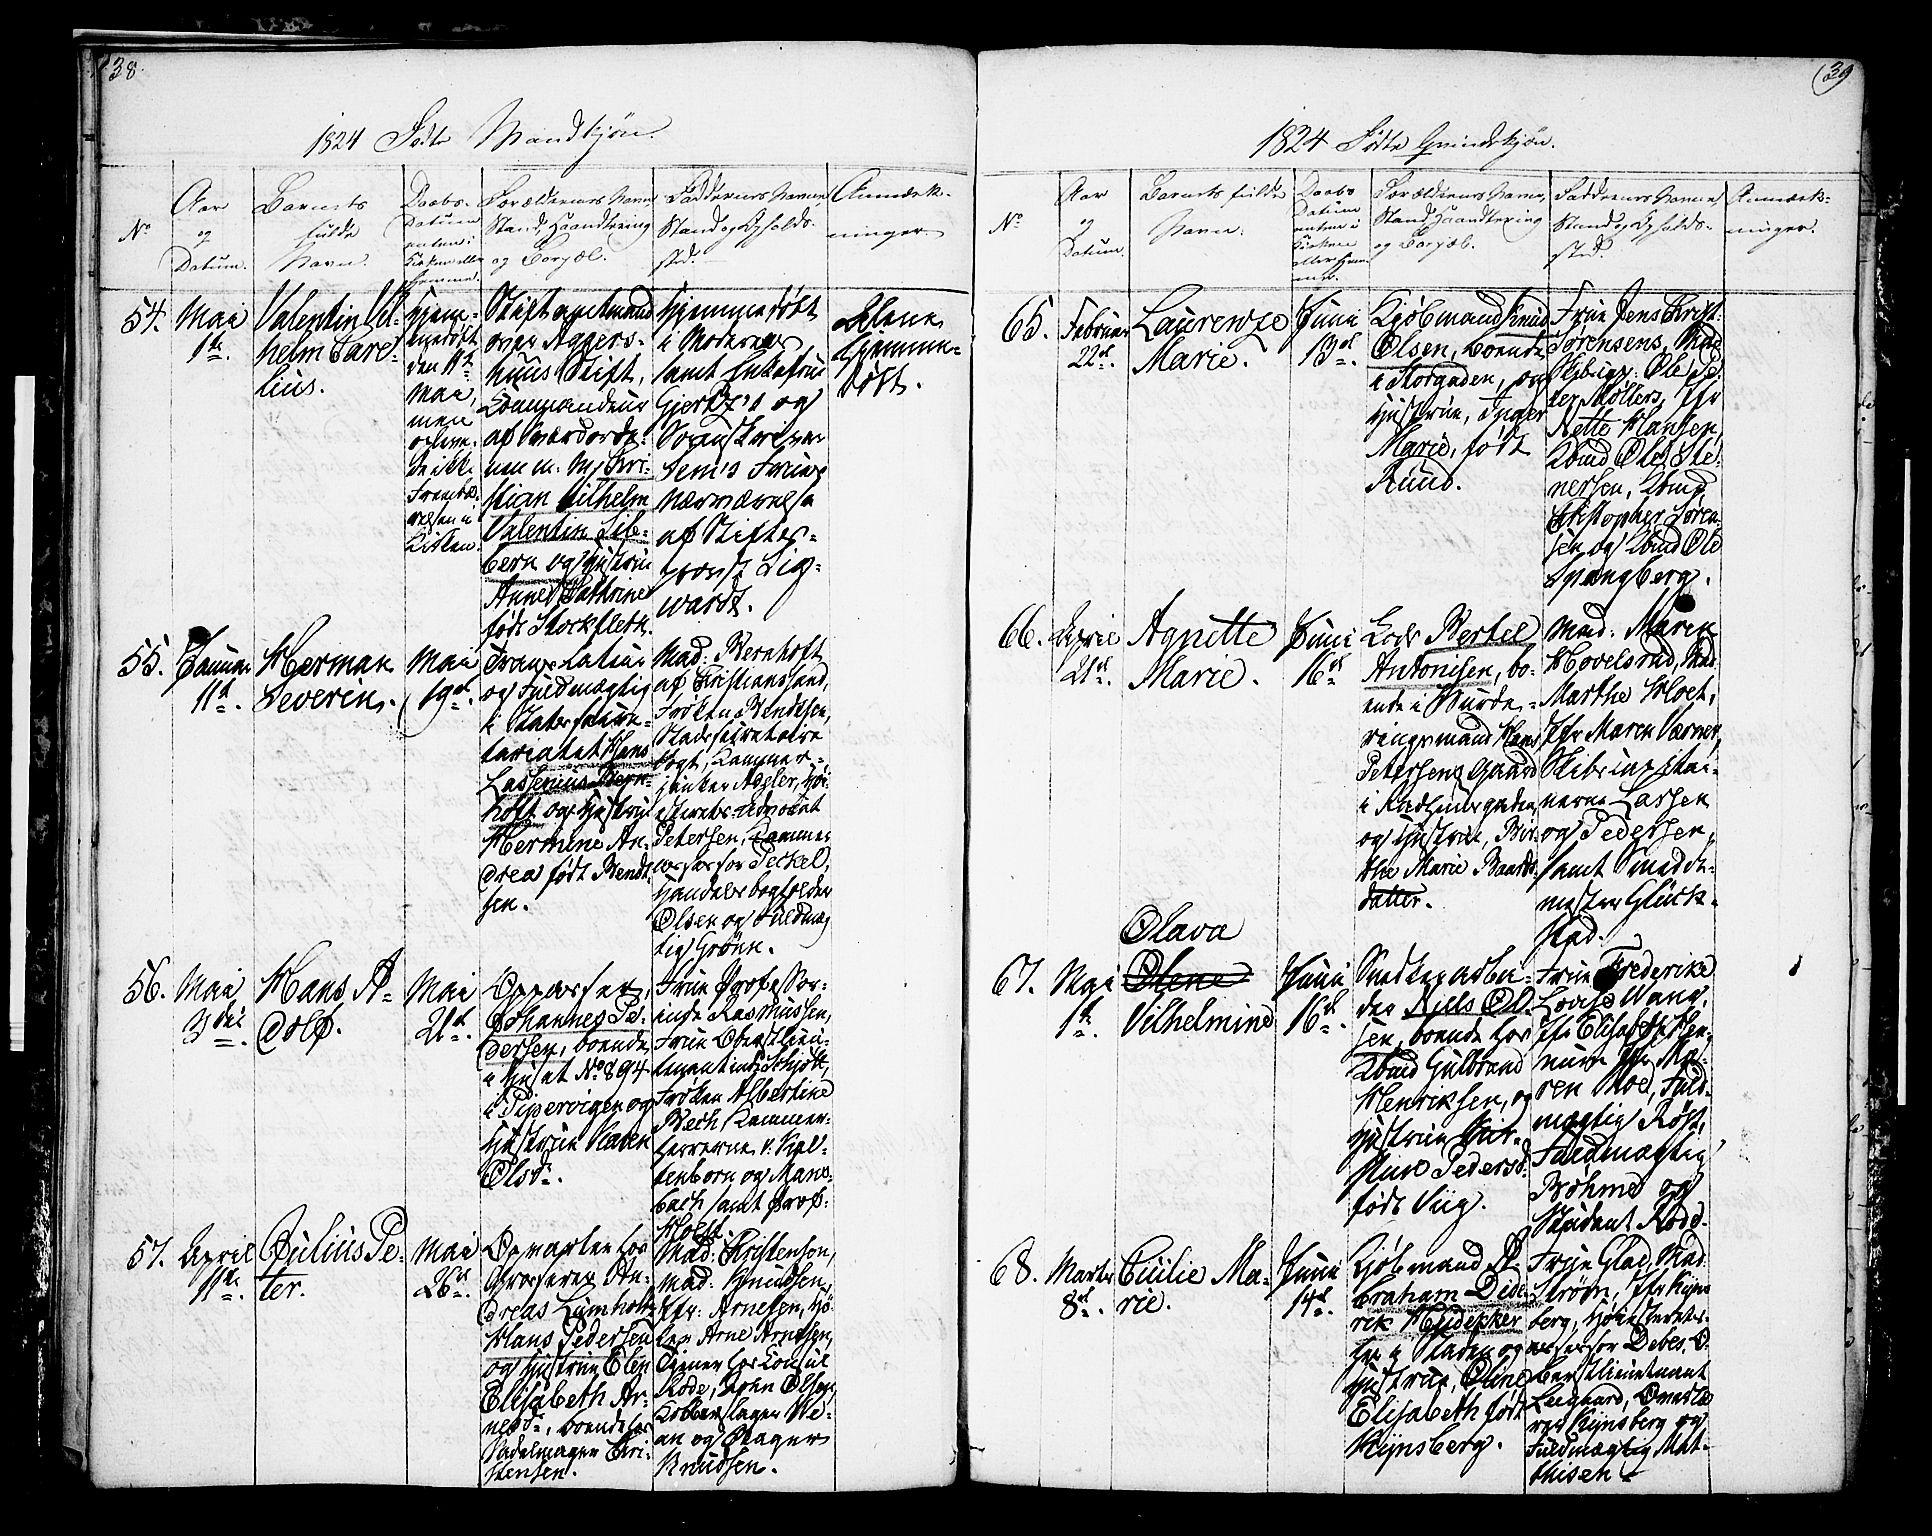 SAO, Oslo domkirke Kirkebøker, F/Fa/L0009: Ministerialbok nr. 9, 1823-1824, s. 38-39